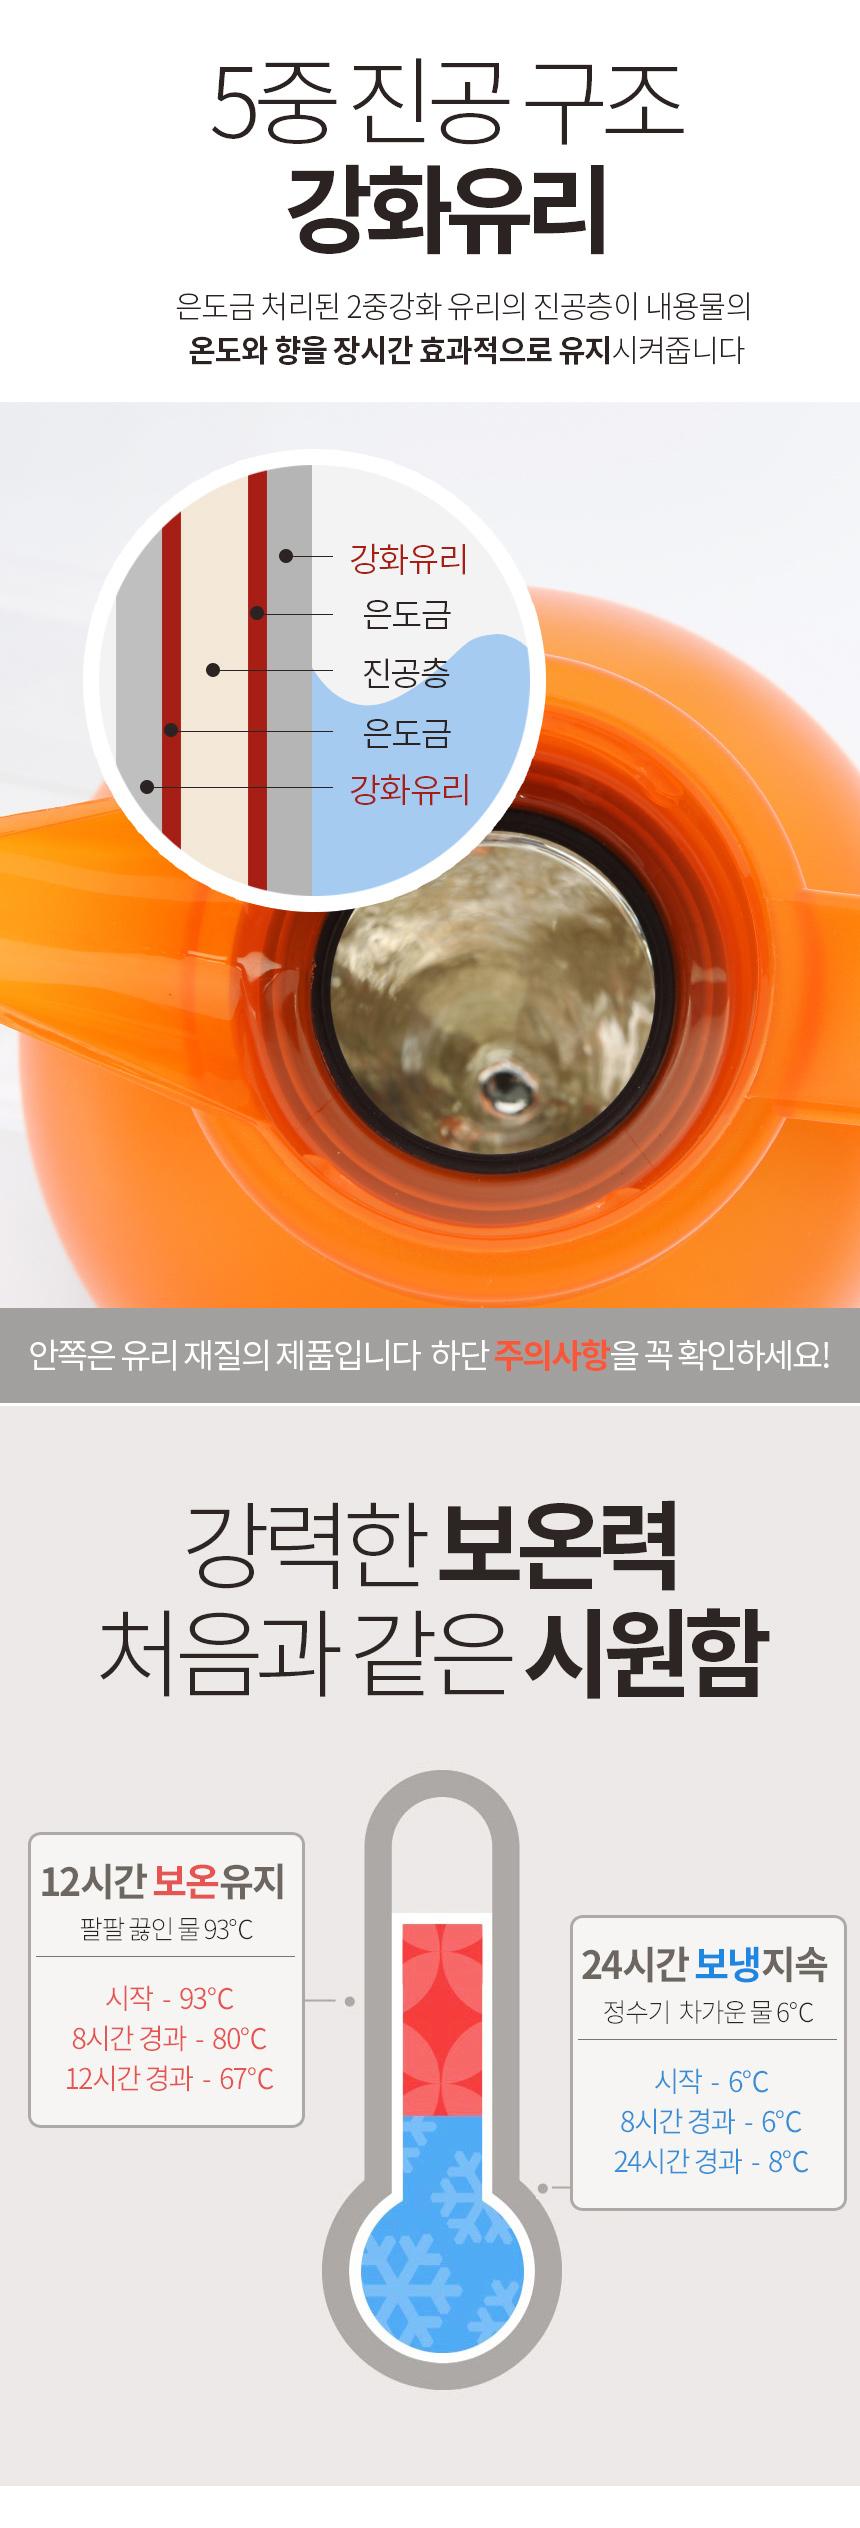 엠사 삼바 보온보냉주전자 1L 5종택1 - 비스비바, 22,800원, 보틀/텀블러, 플라스틱 텀블러